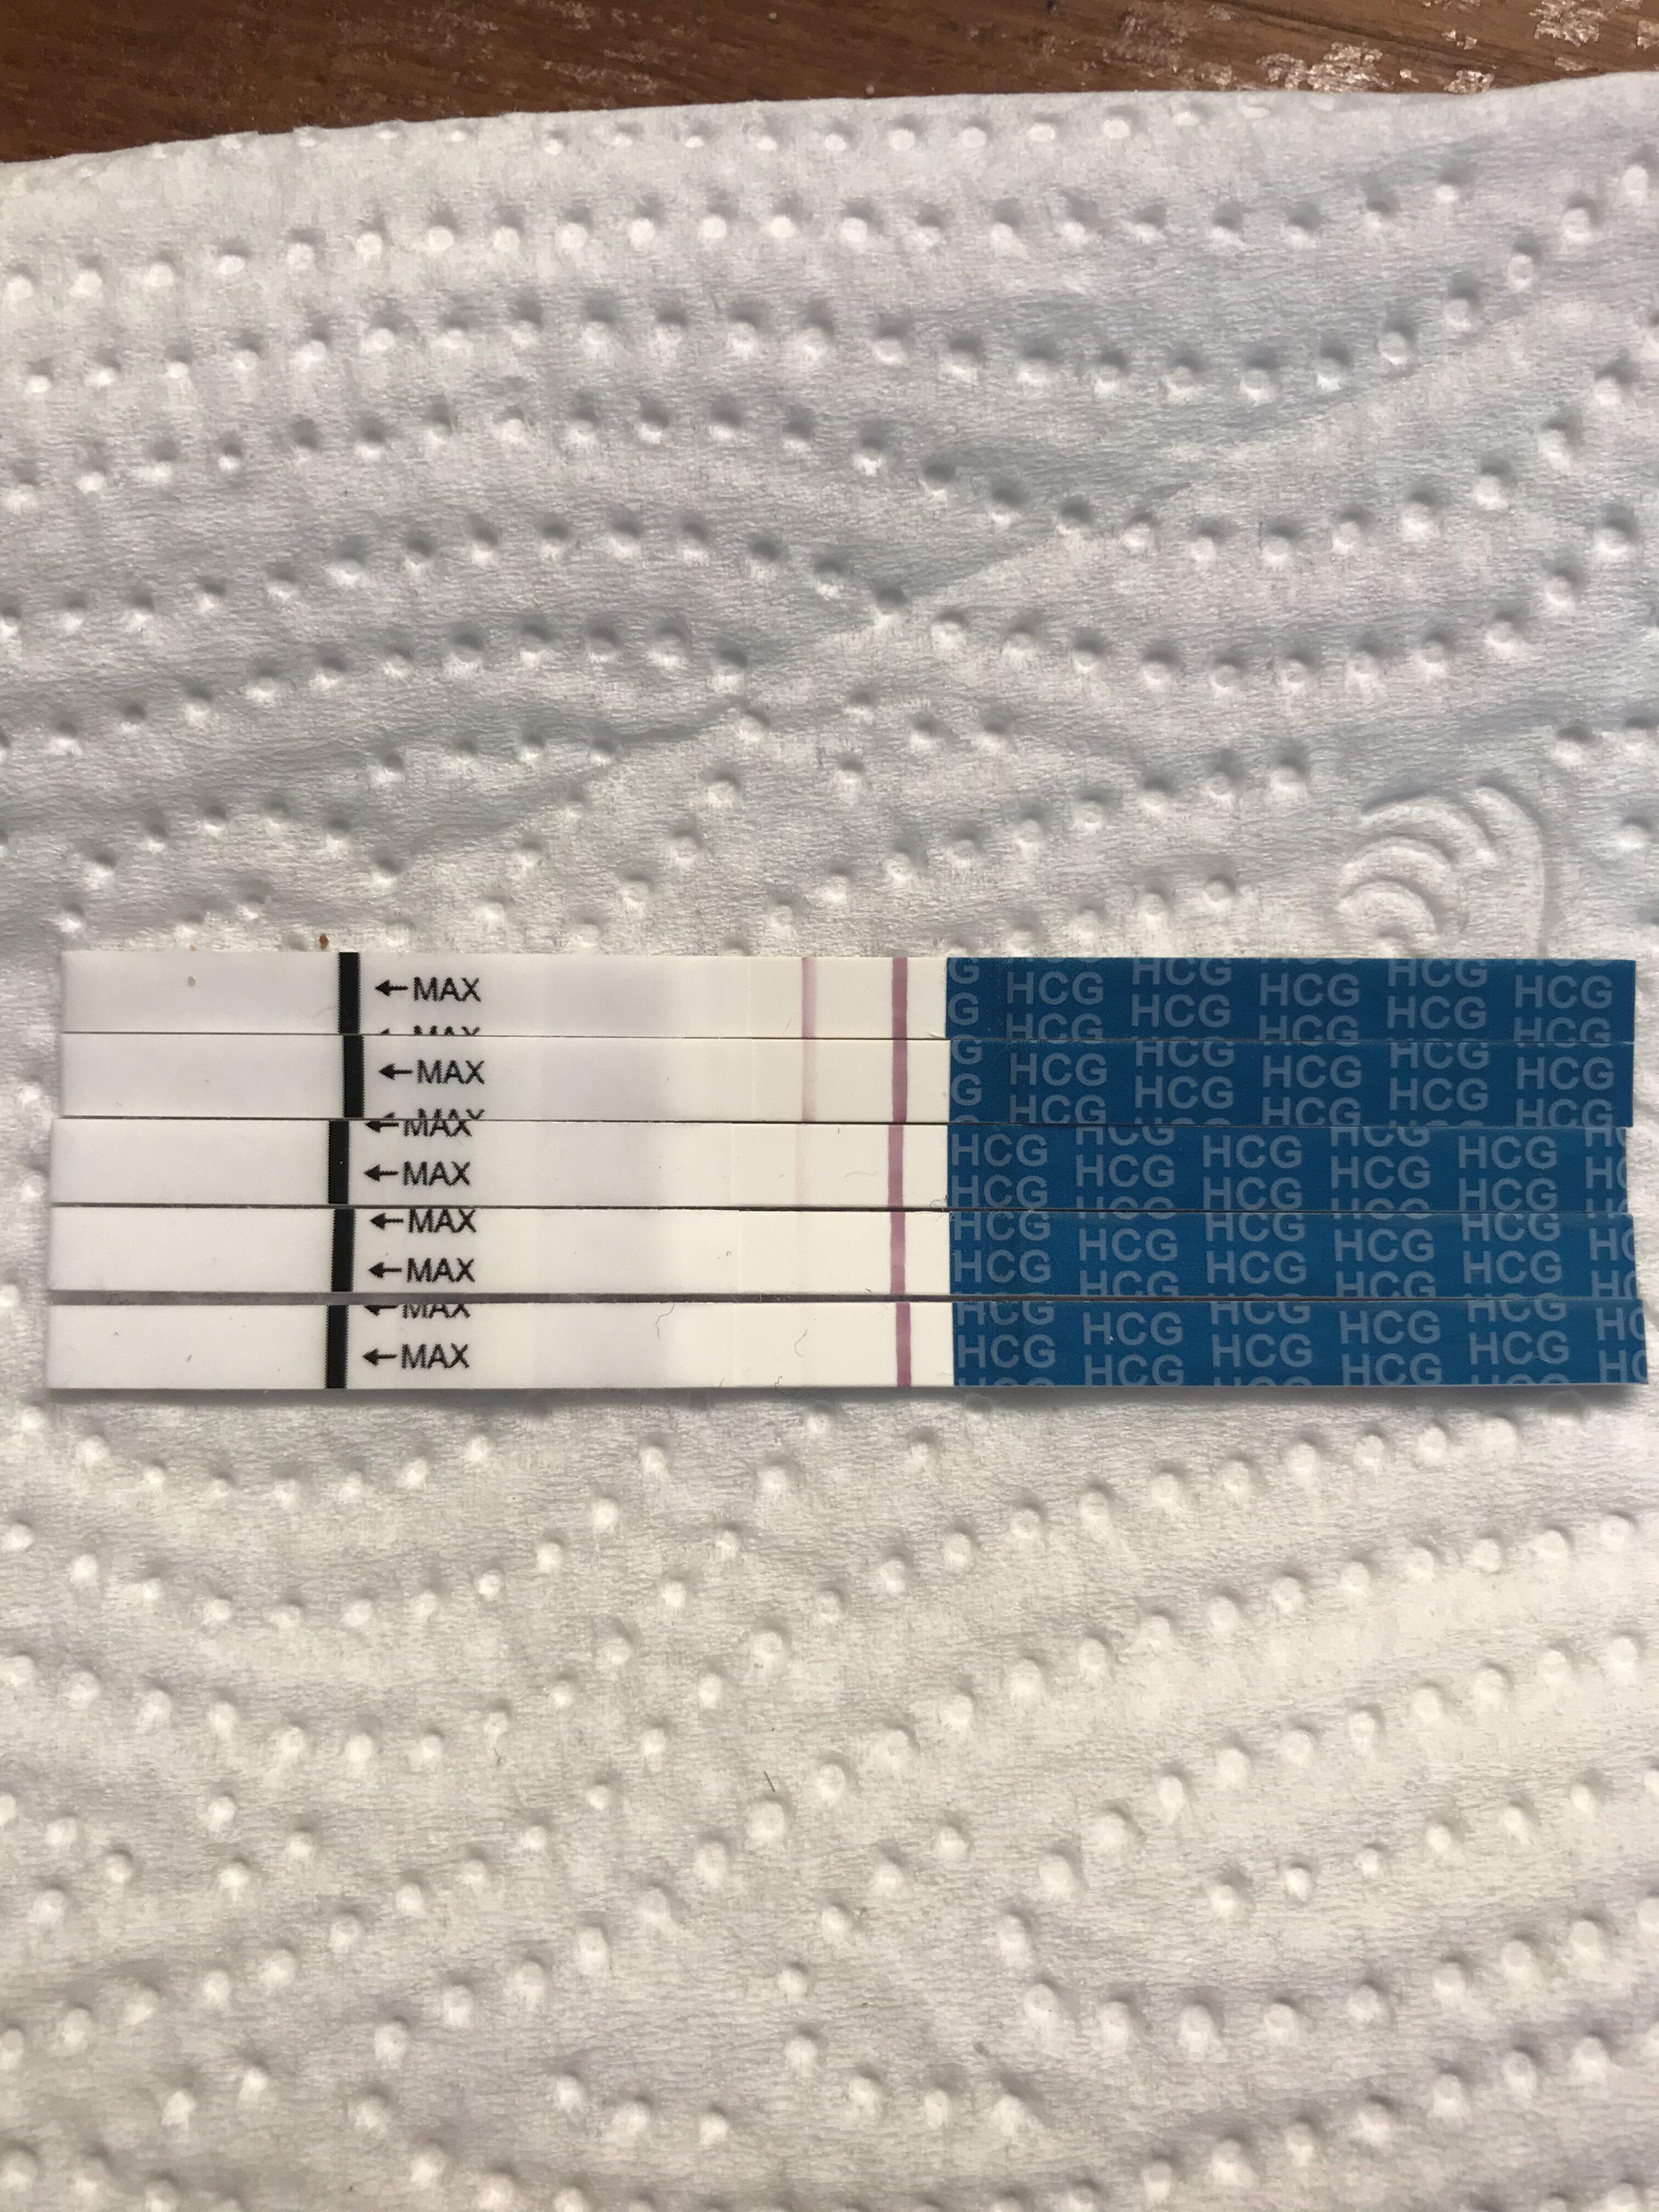 64C4115B-495F-4140-8A94-BE4D1E86E9C0.jpeg